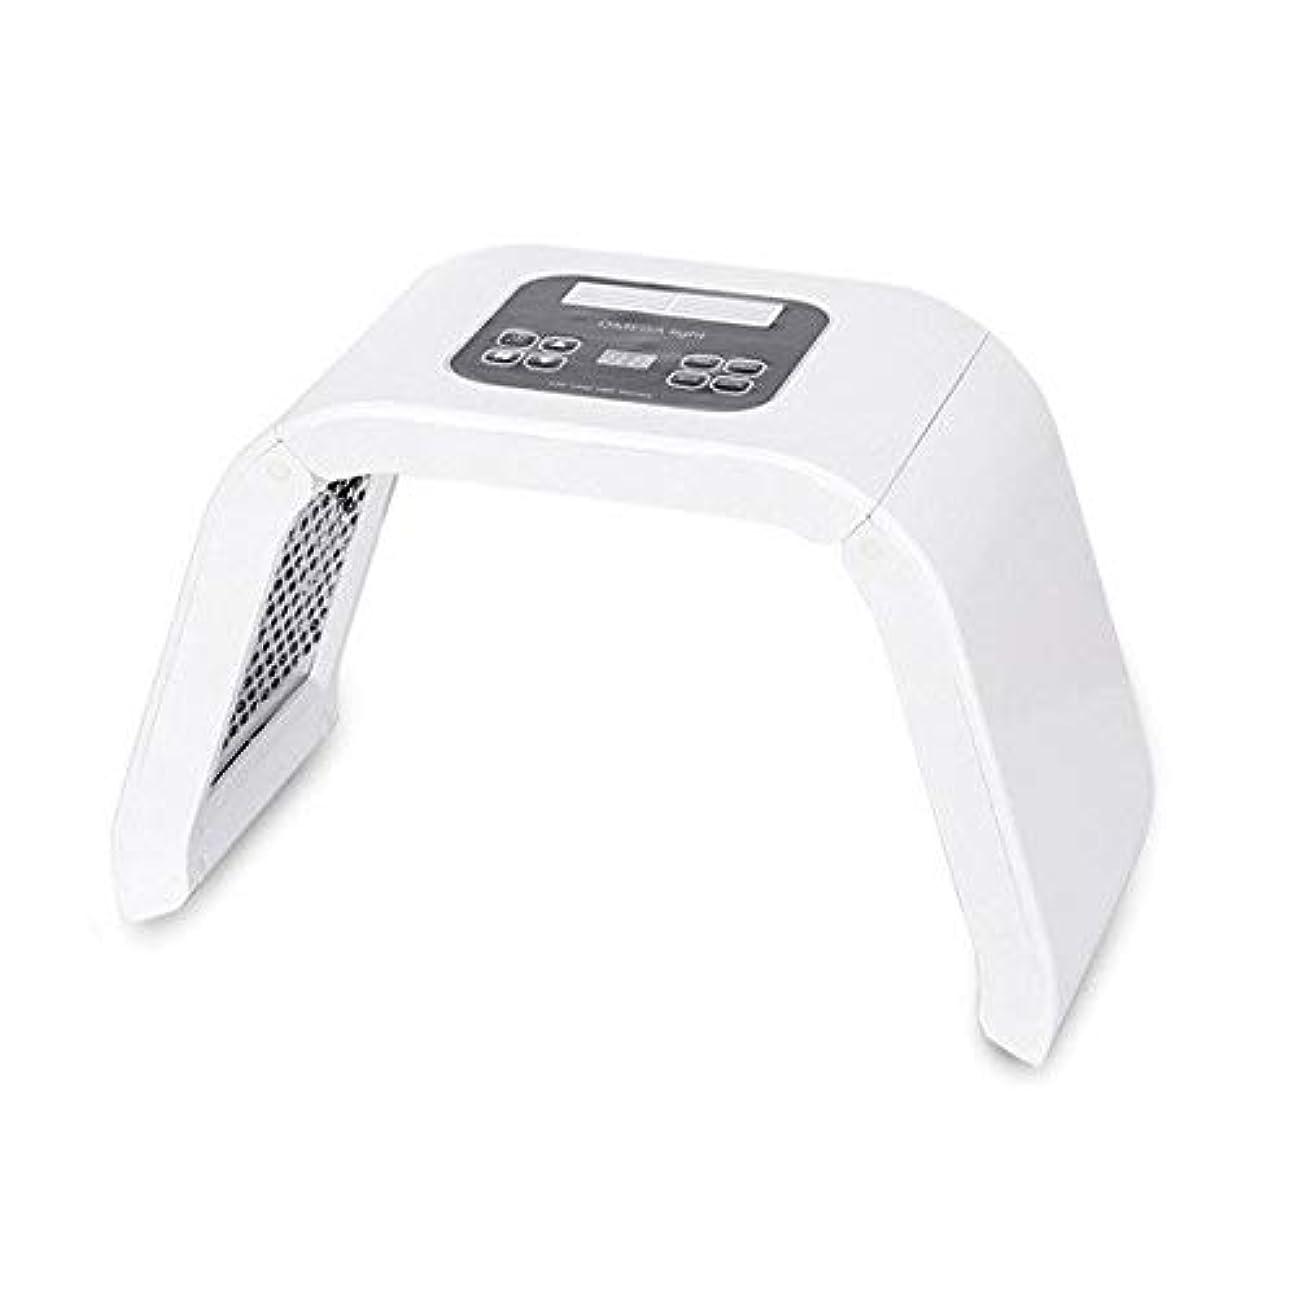 囲いベイビー番号LED美顔器 シワ 業務用 家庭用 7色 10パターン たるみ ほうれい線 美肌 ニキビ対策 コラーゲン生成 美白 エイジングケア